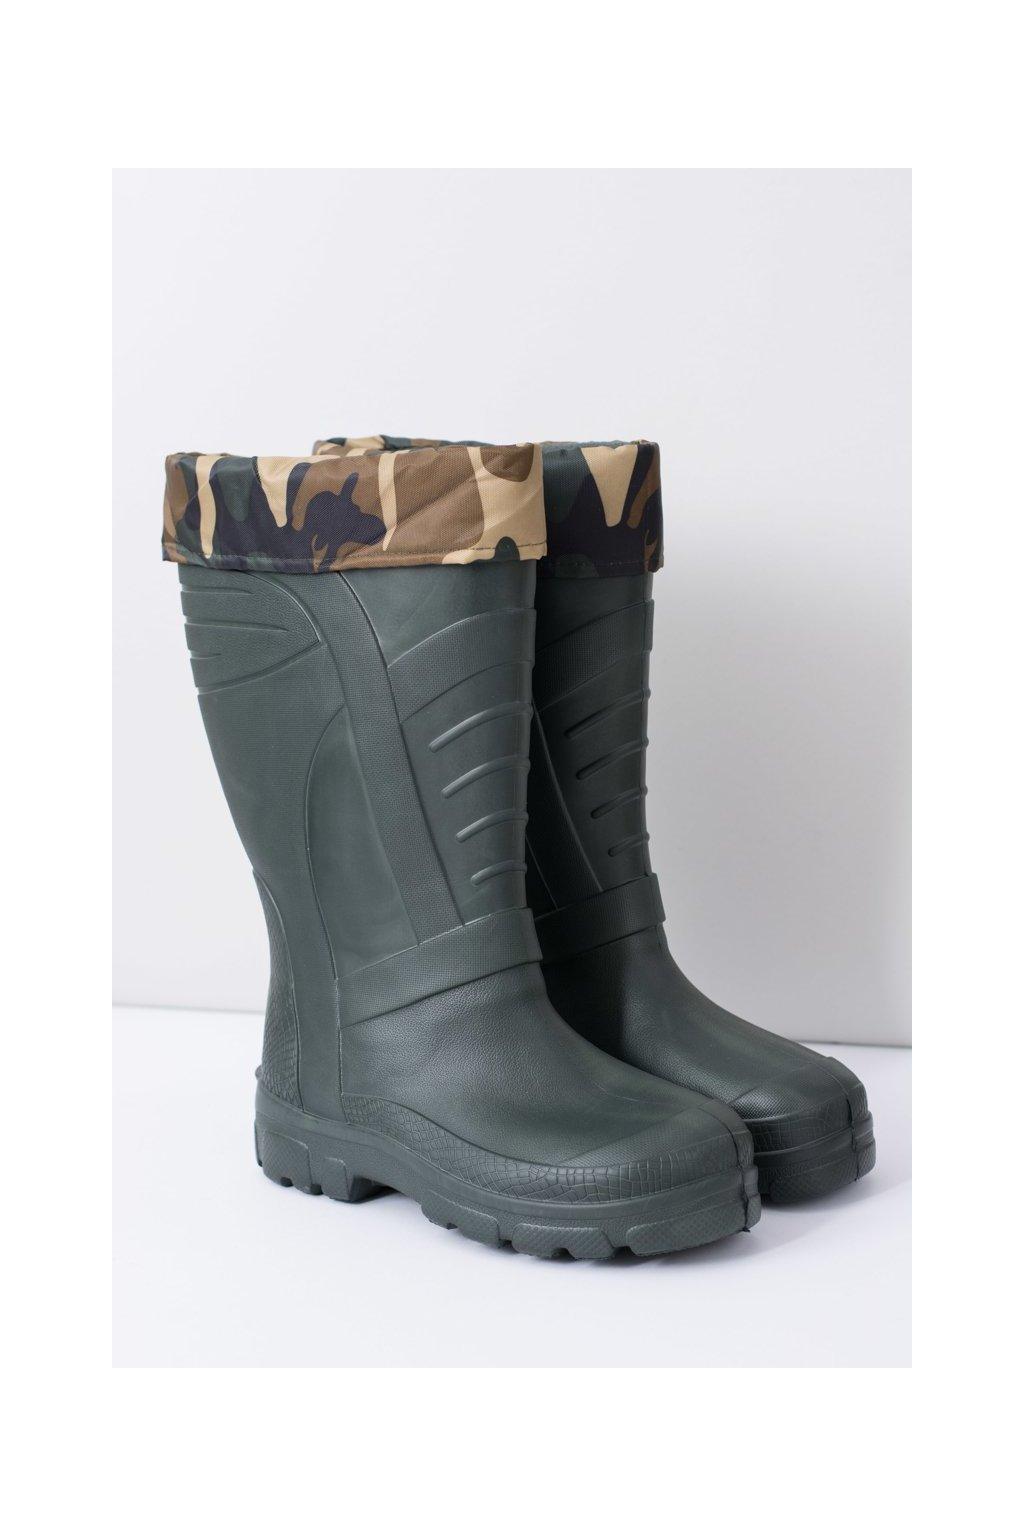 Dažďové topánky pre ženy teplé čierne daždivé